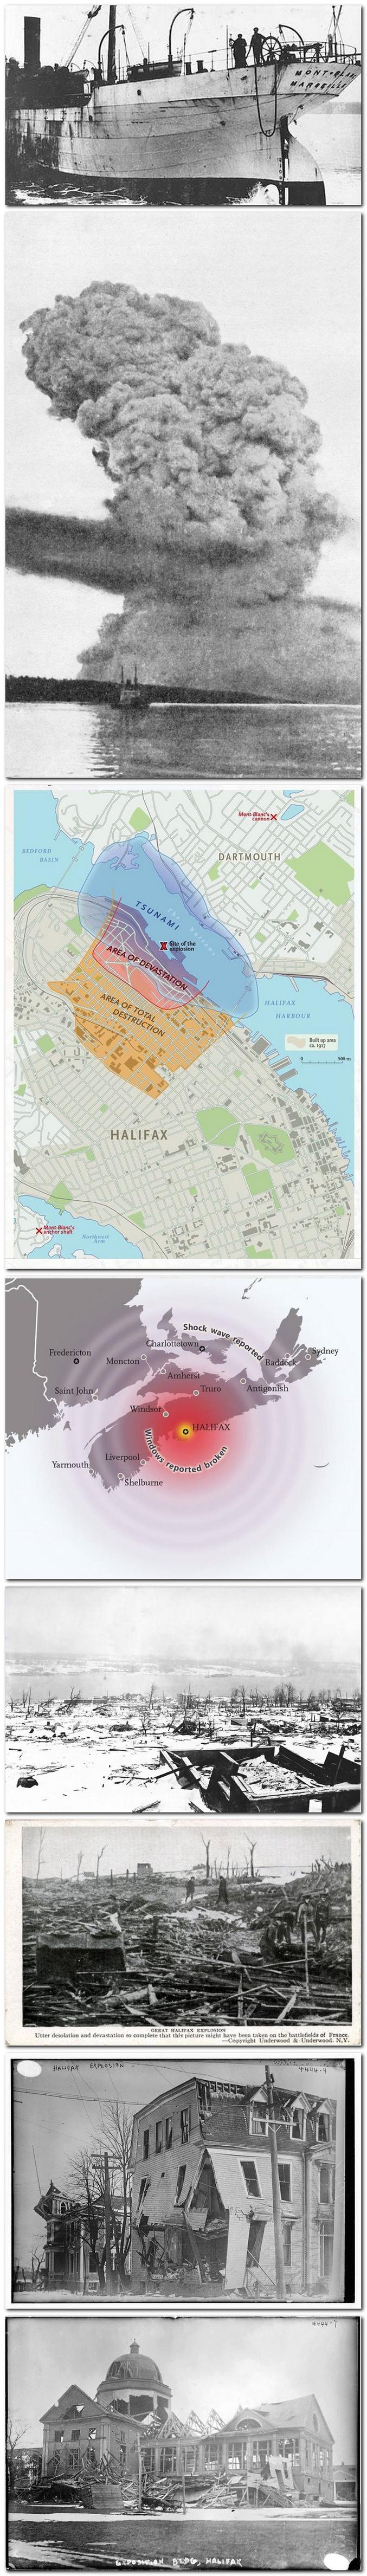 Le transport de munitions Mont-Blanc, chargé de plus de 2000 tonnes de produits explosifs entre dans le port d'Halifax pour se joindre à un convoi de ravitaillement à destination de l'Europe lorsqu'il est percuté par l'Imo, navire norvégien en partance pour New-York. La violence de l'incendie contraint l'équipage à abandonner le navire qui poursuit sa route vers le quai. A 09h00 du matin, le Mont-Blanc explose tuant sur le coup 1600 personnes, détruisant près de 3km² de la ville d'Halifax et déclenchant un raz-de-marée local. Une pièce de 500 kg du Mont-Blanc est retrouvée à 3km à l'intérieur des terres. L'accident est encore à ce jour répertorié comme la 2ème plus puissante explosion artificielle non nucléaire.  Texte et photos : Page Facebook Chronique culturelle